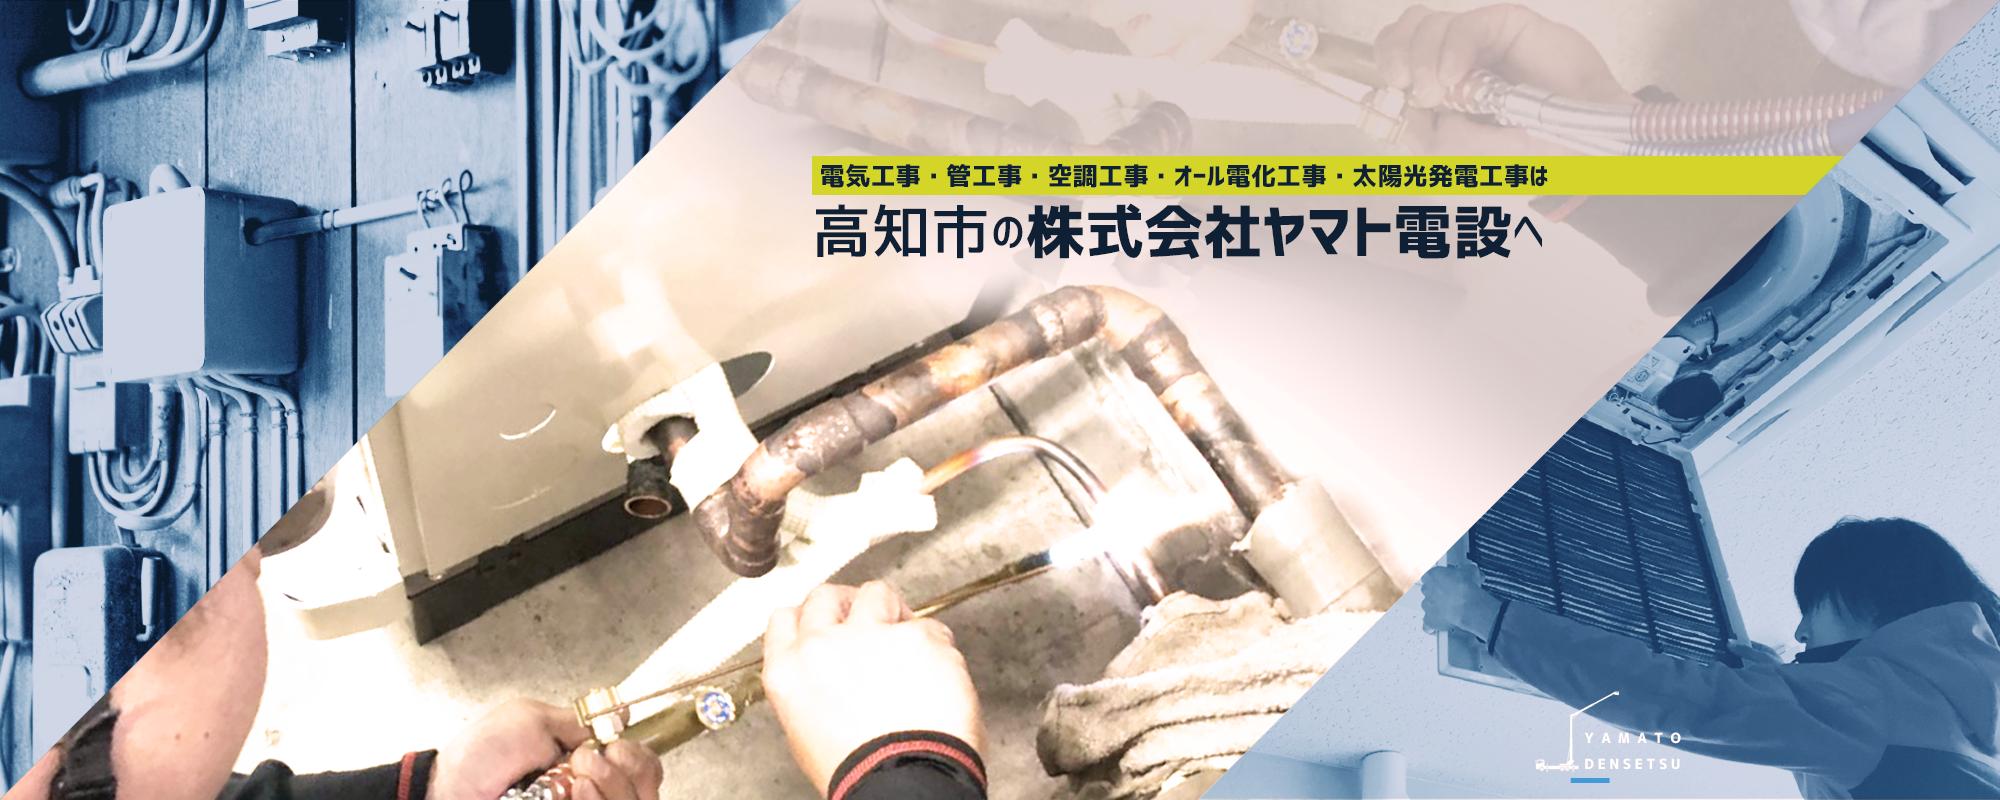 電気工事・管工事・空調工事・オール電化工事・太陽光発電工事 は、高知市の株式会社ヤマト電設へ